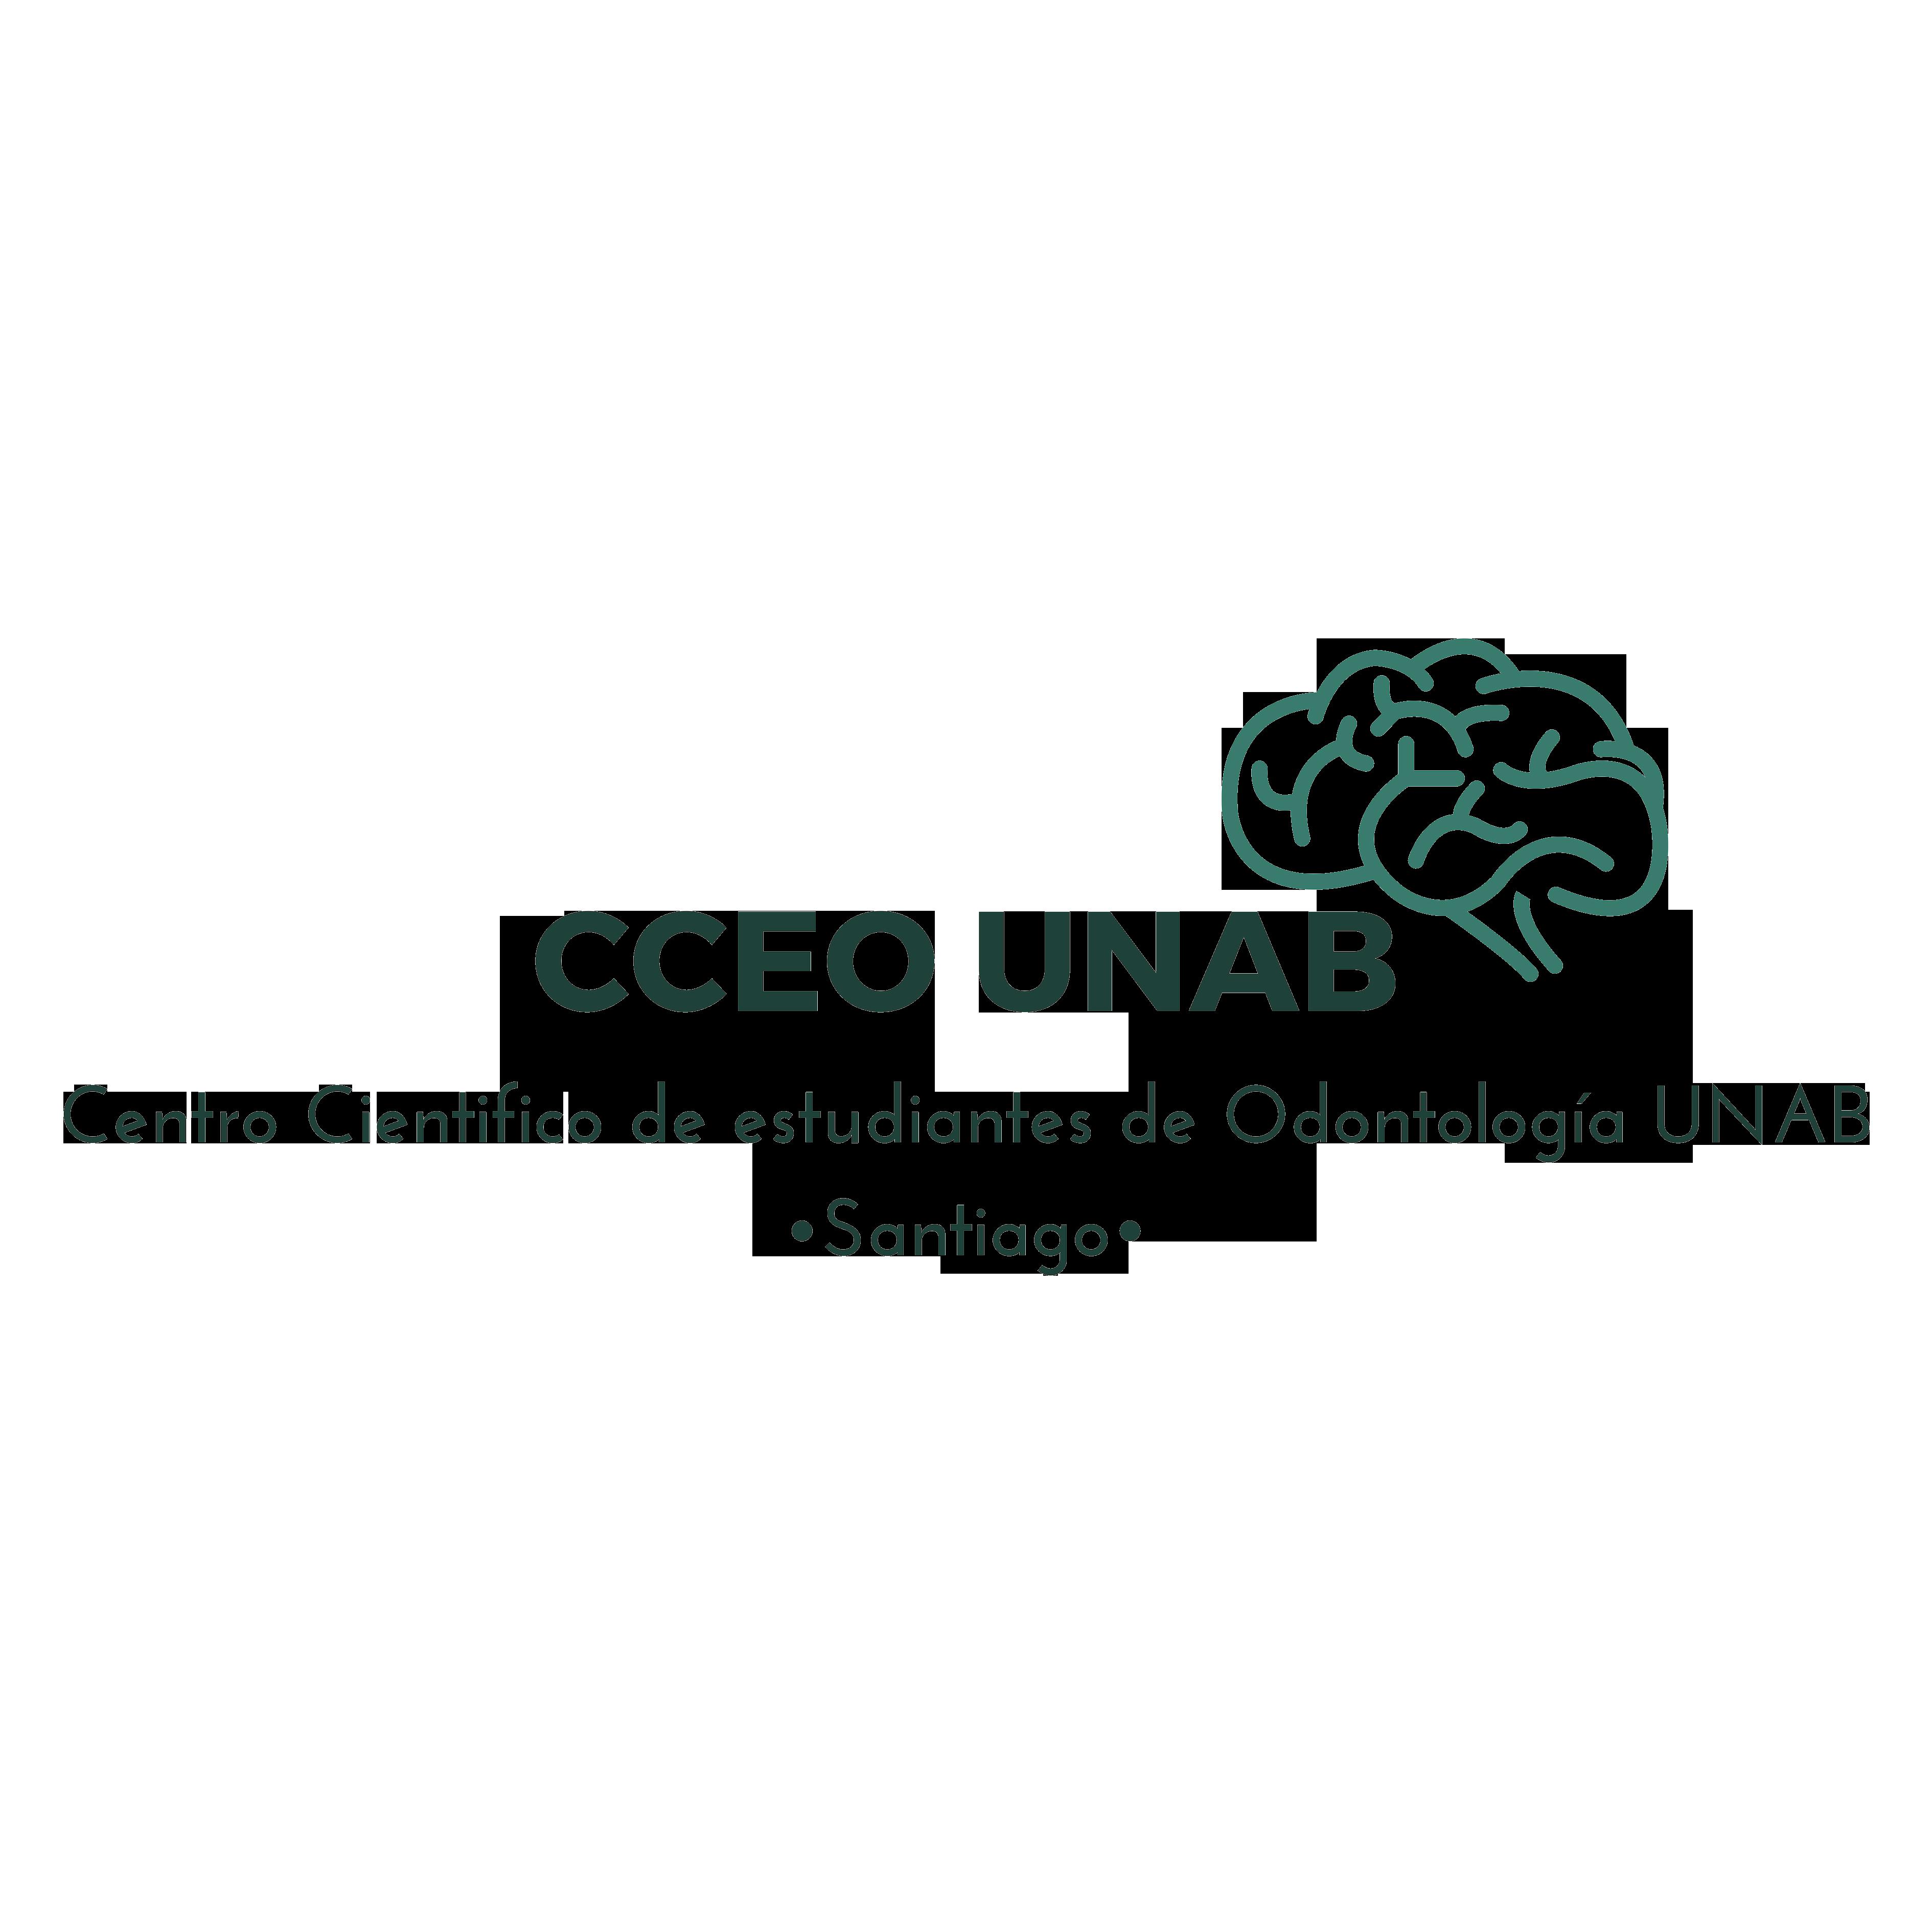 Universidad Andres Bello Santiago